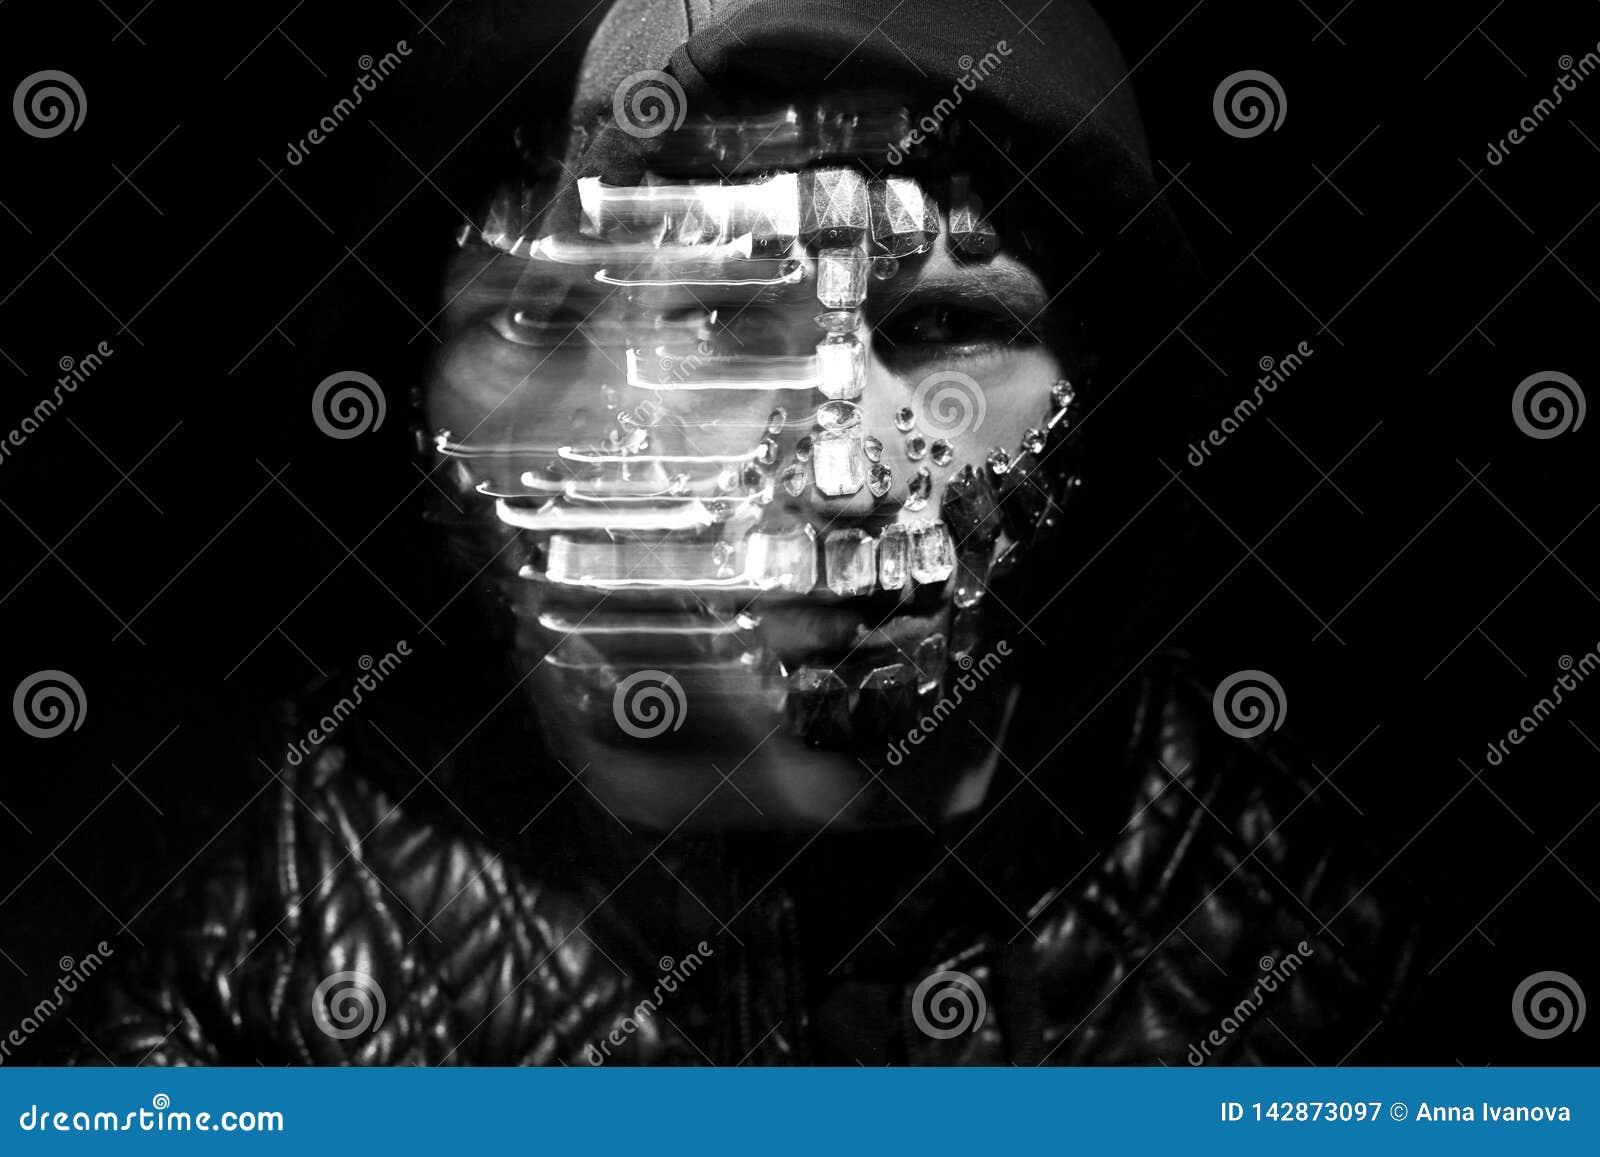 Geheimzinnige mystieke verschijning van een mens Kunstportret van een mens met een kap met grote bergkristallen op zijn gezicht D